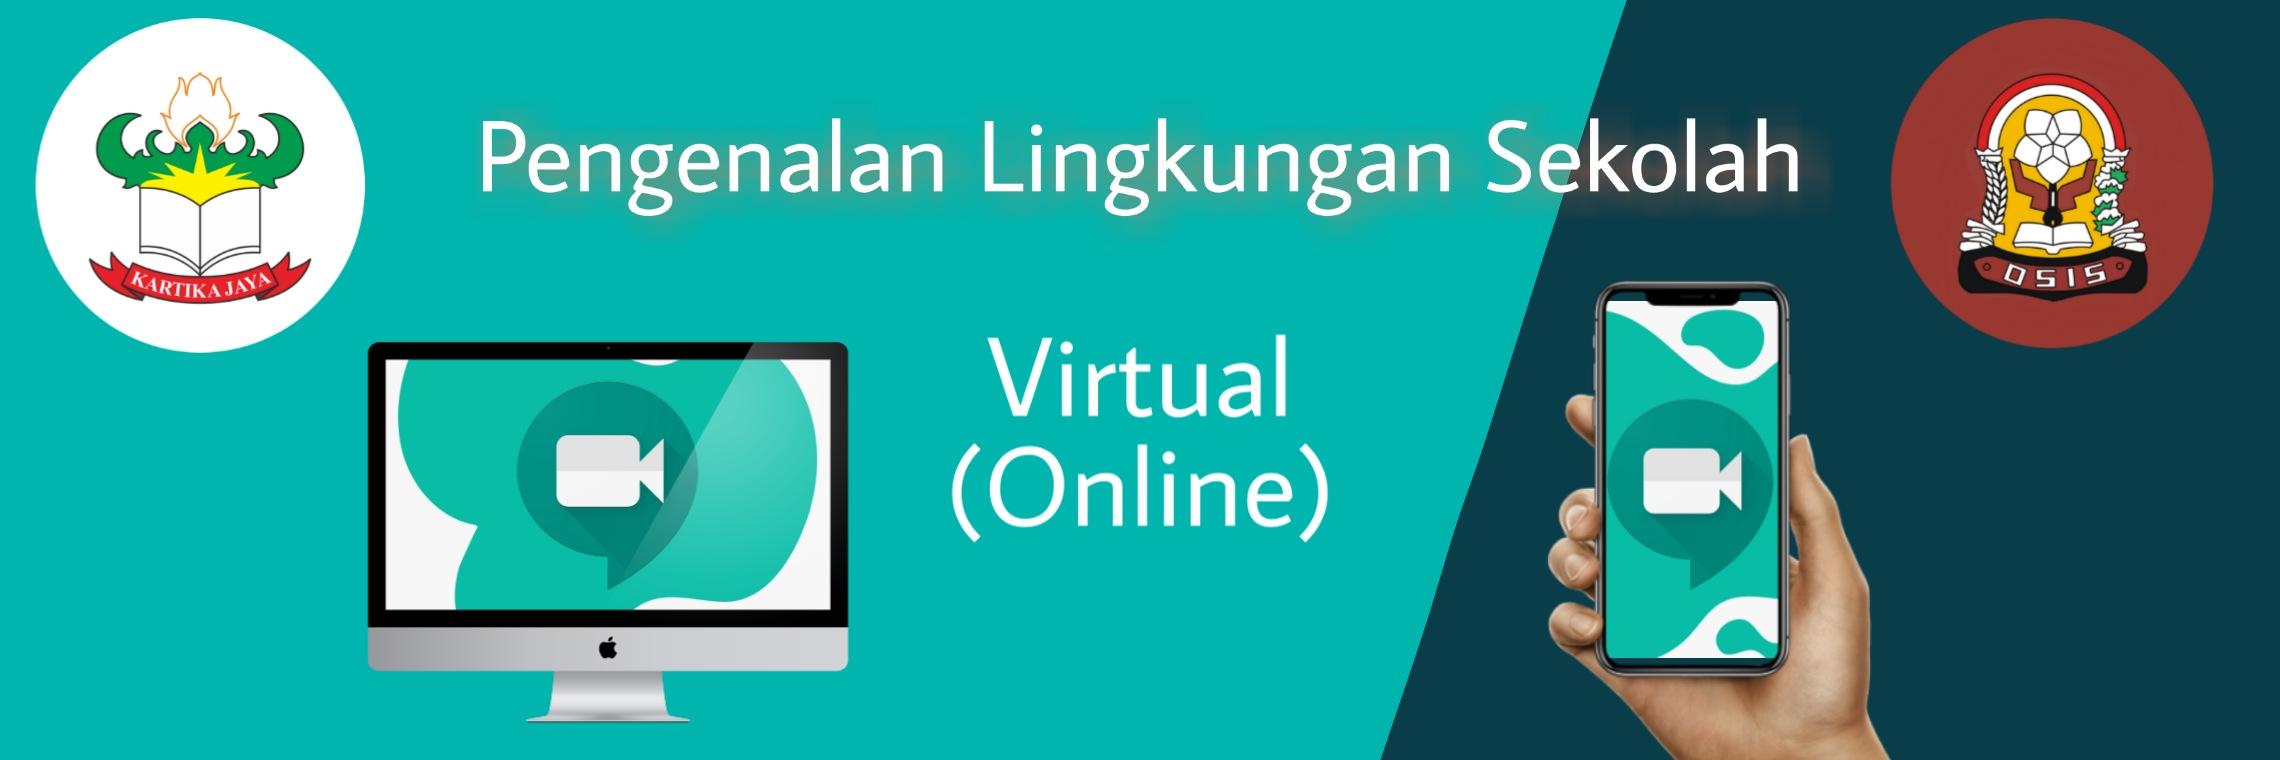 Agenda Kegiatan PLS Virtual Hari Selasa tanggal 14 Juli 2020